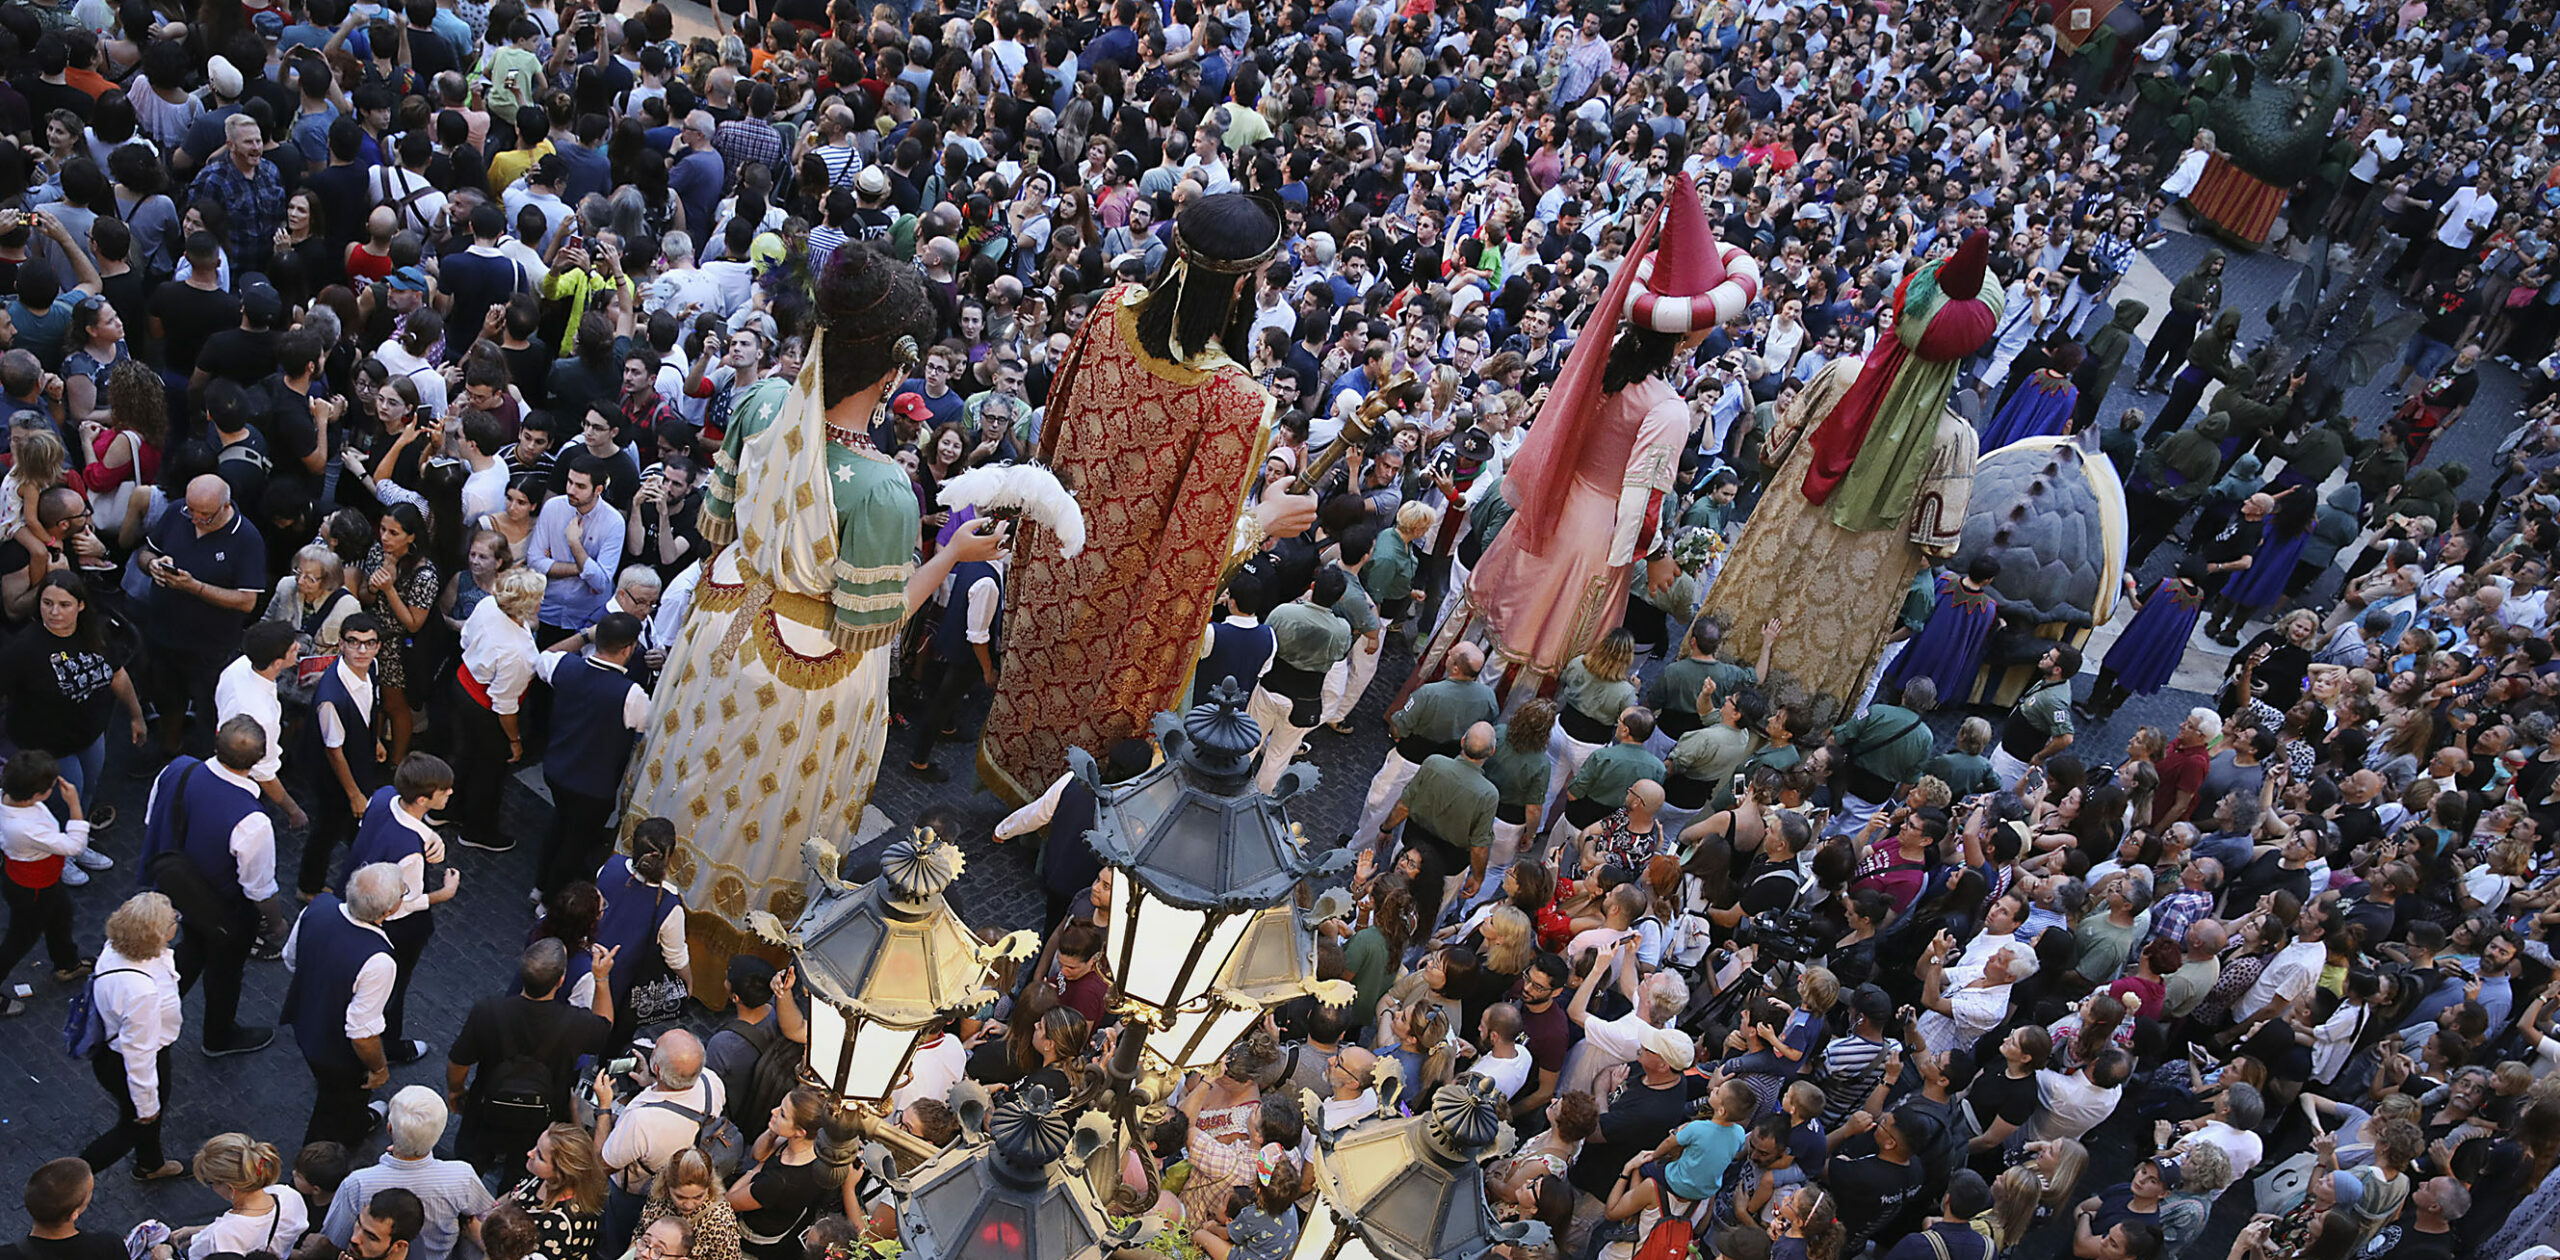 Exhibició de cultura popular a la plaça Sant Jaume, durant la Mercè 2019 / Jordi Play